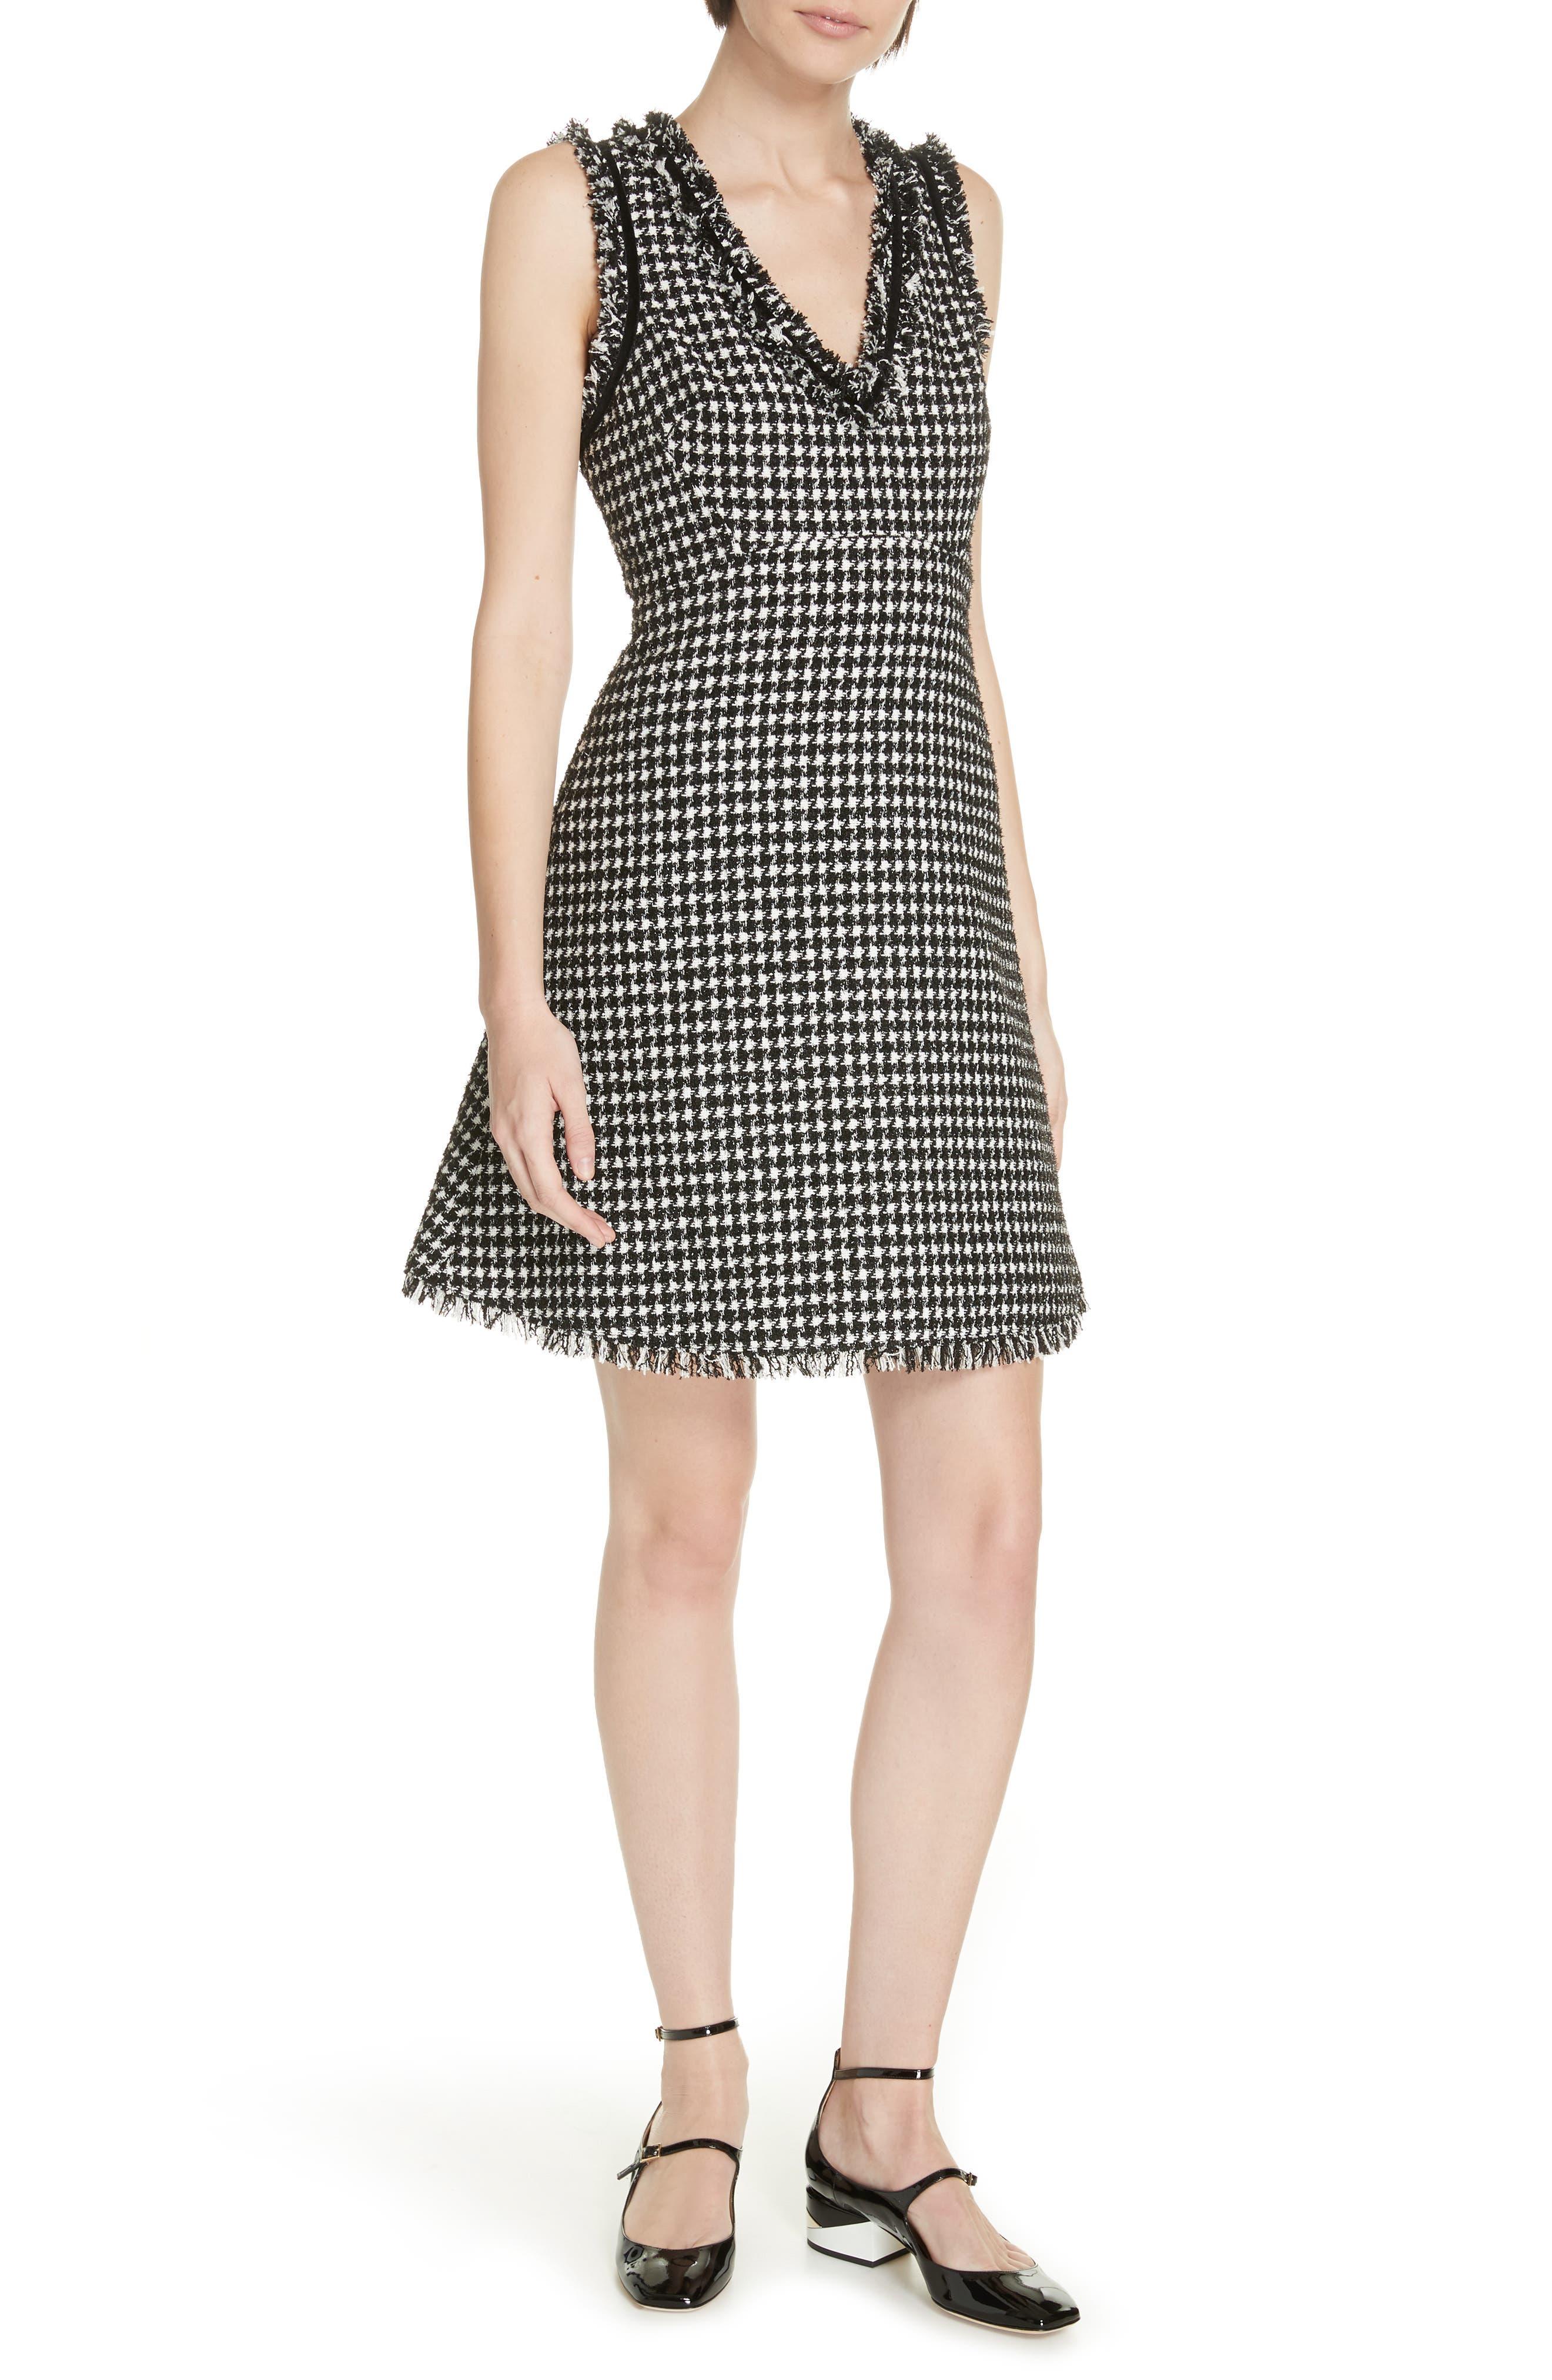 Kate Spade New York Houndstooth Tweed Dress, Black